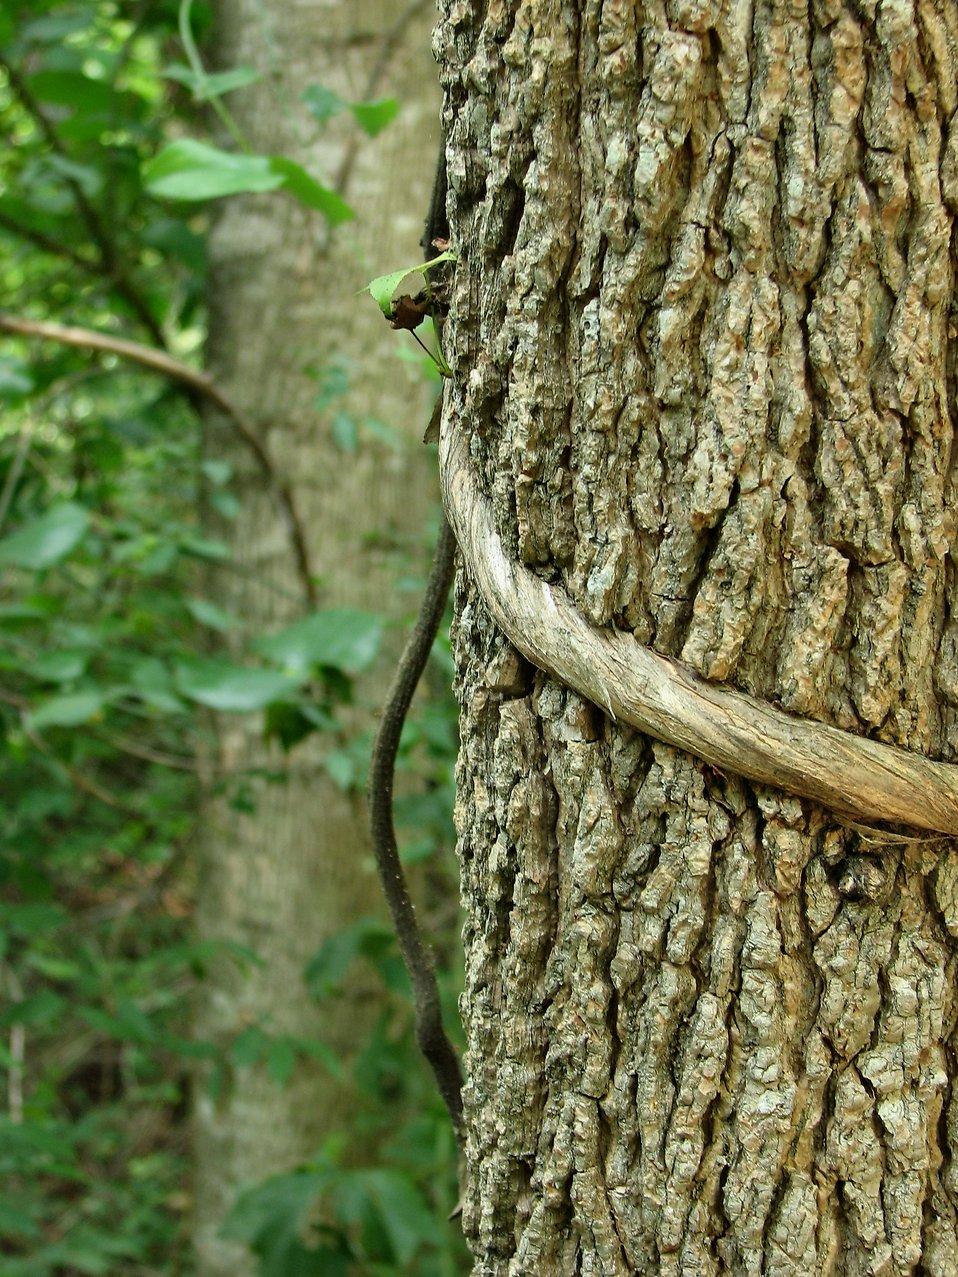 Tree with vine : Free Stock Photo